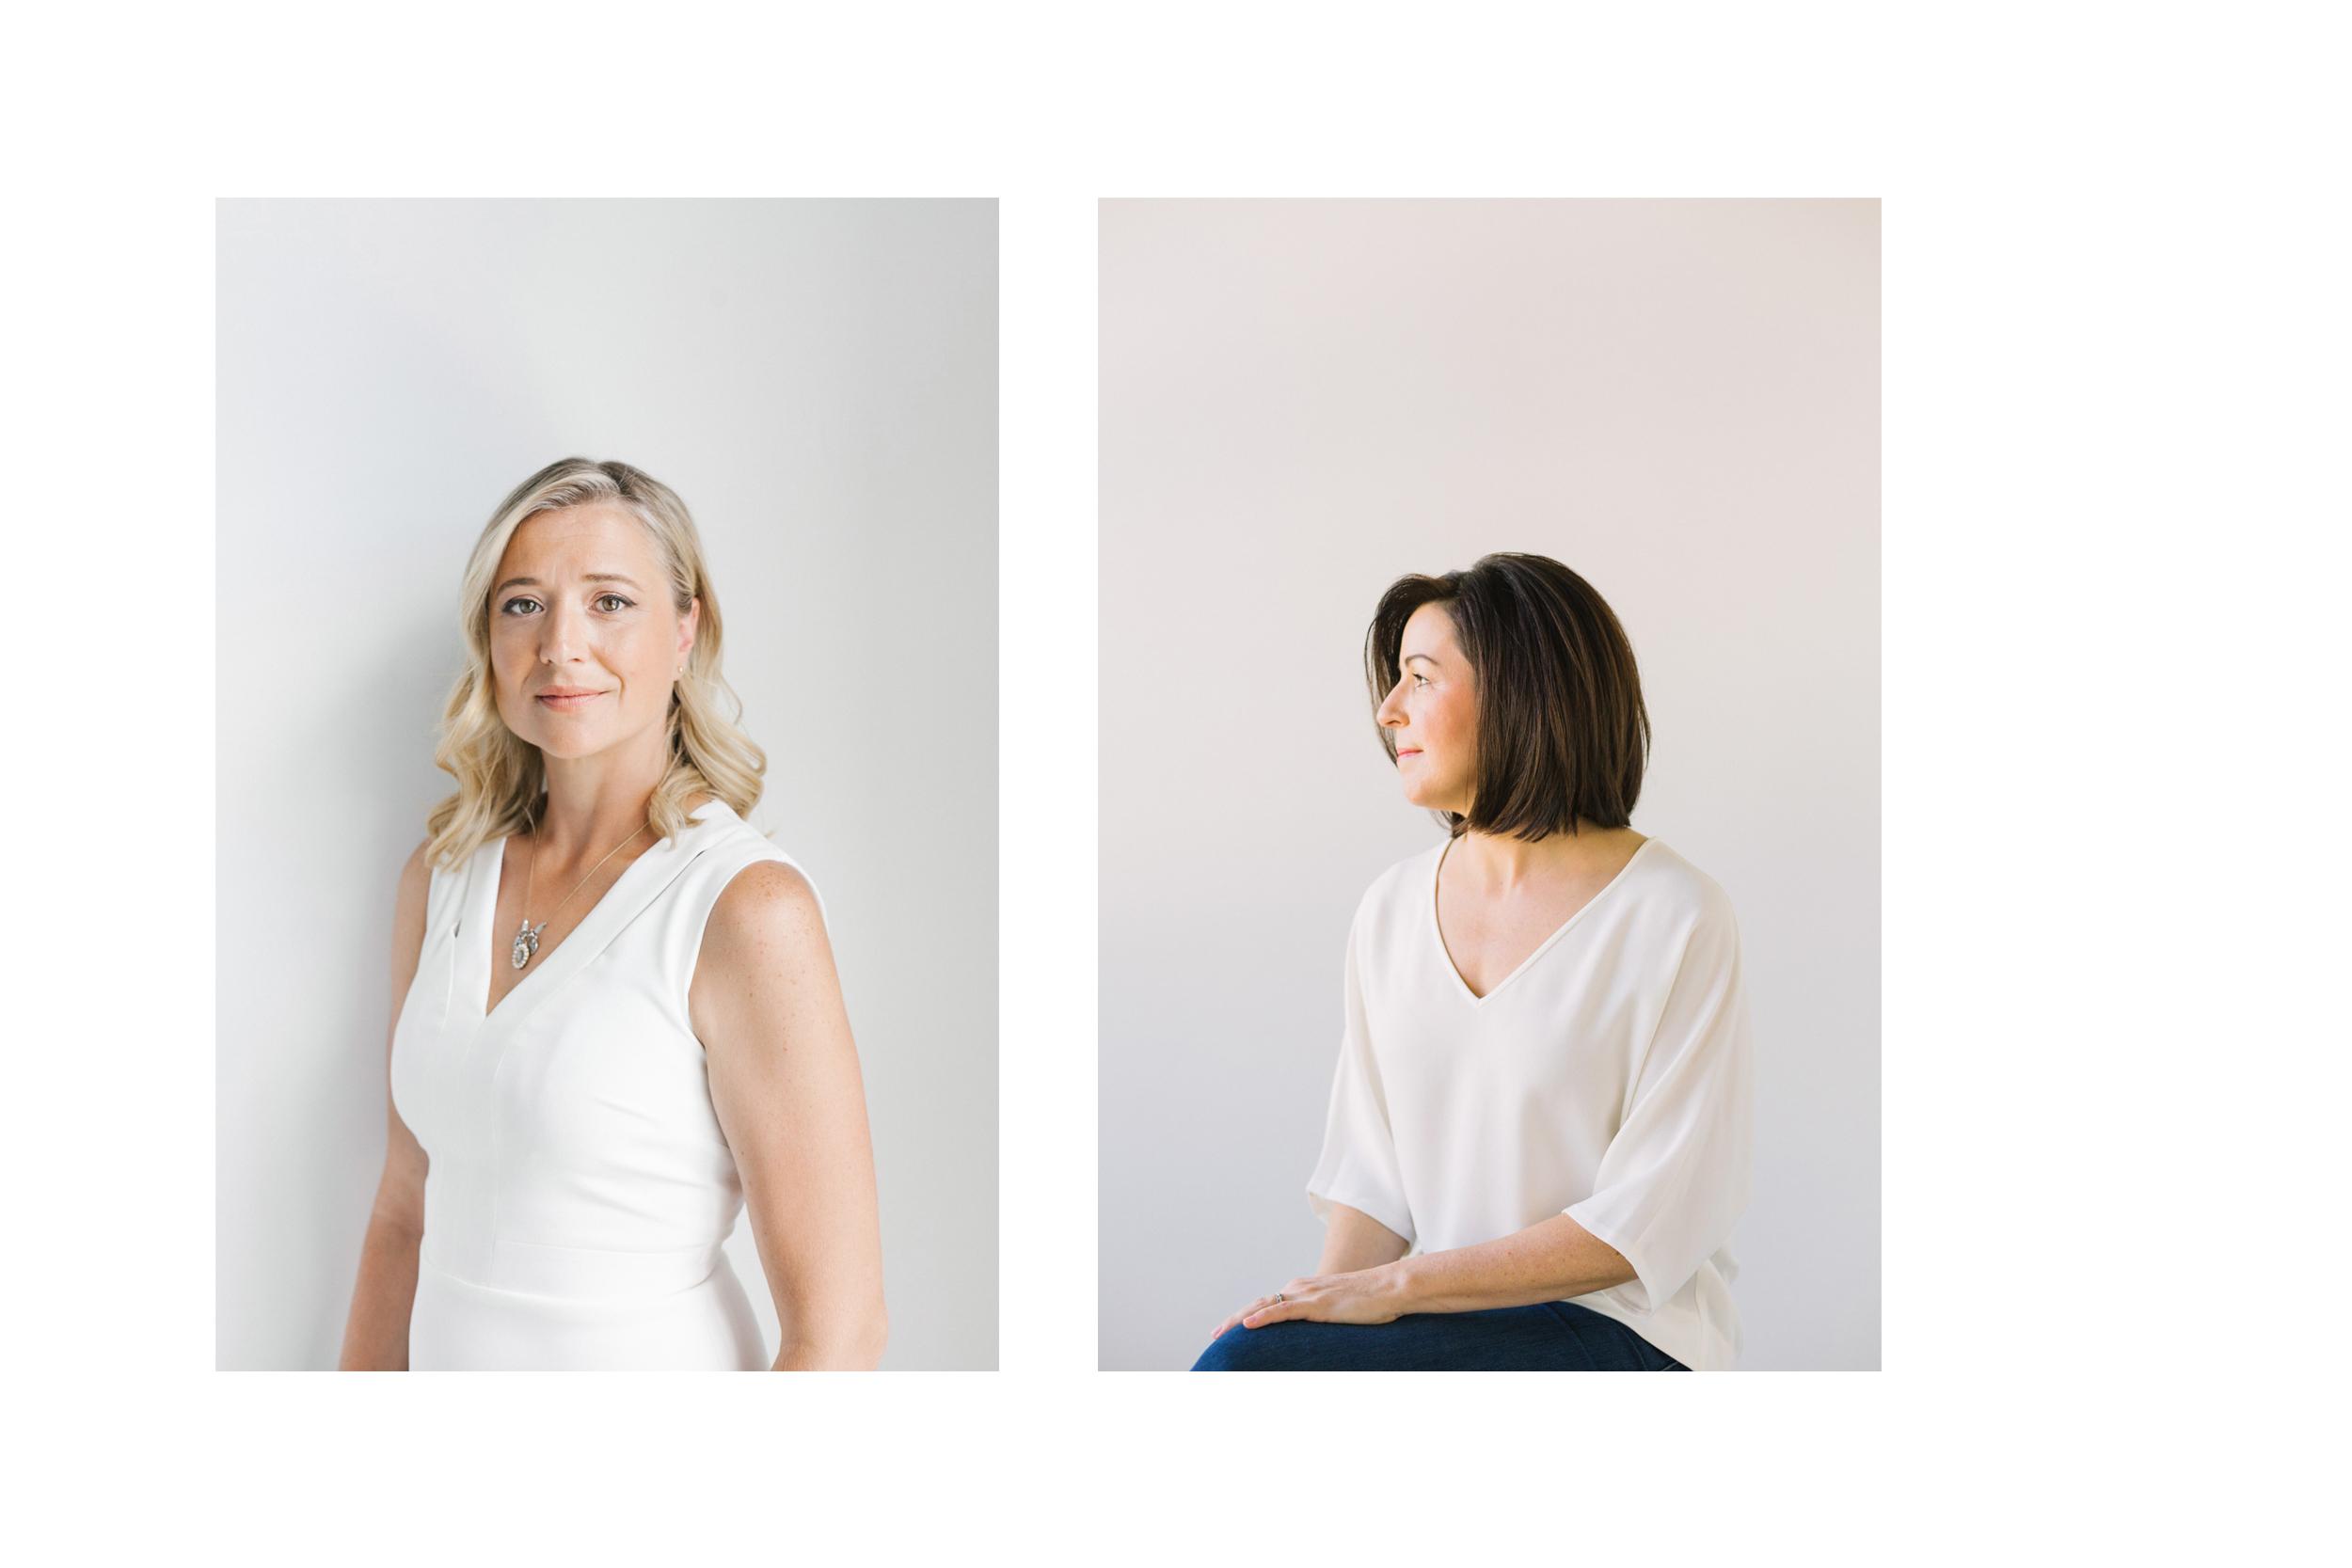 vancouver-portrait-photographer-07.jpg